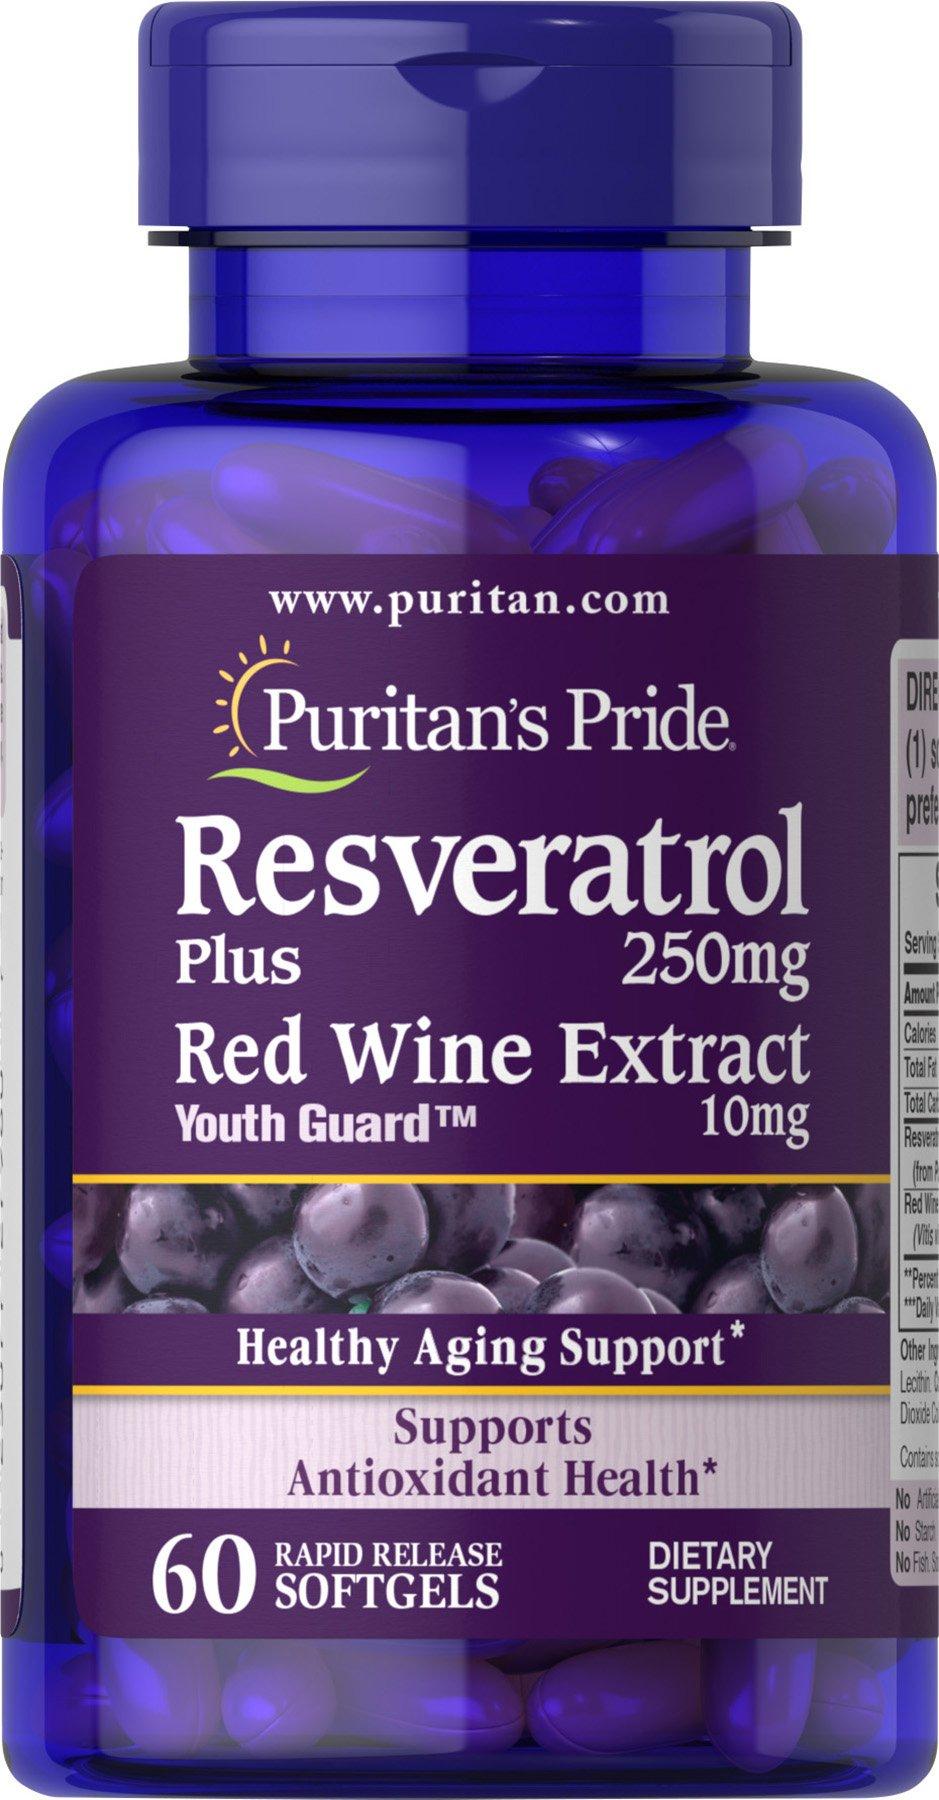 Puritans Pride Resveratrol 250 mg, 60 Count by Puritans Pride